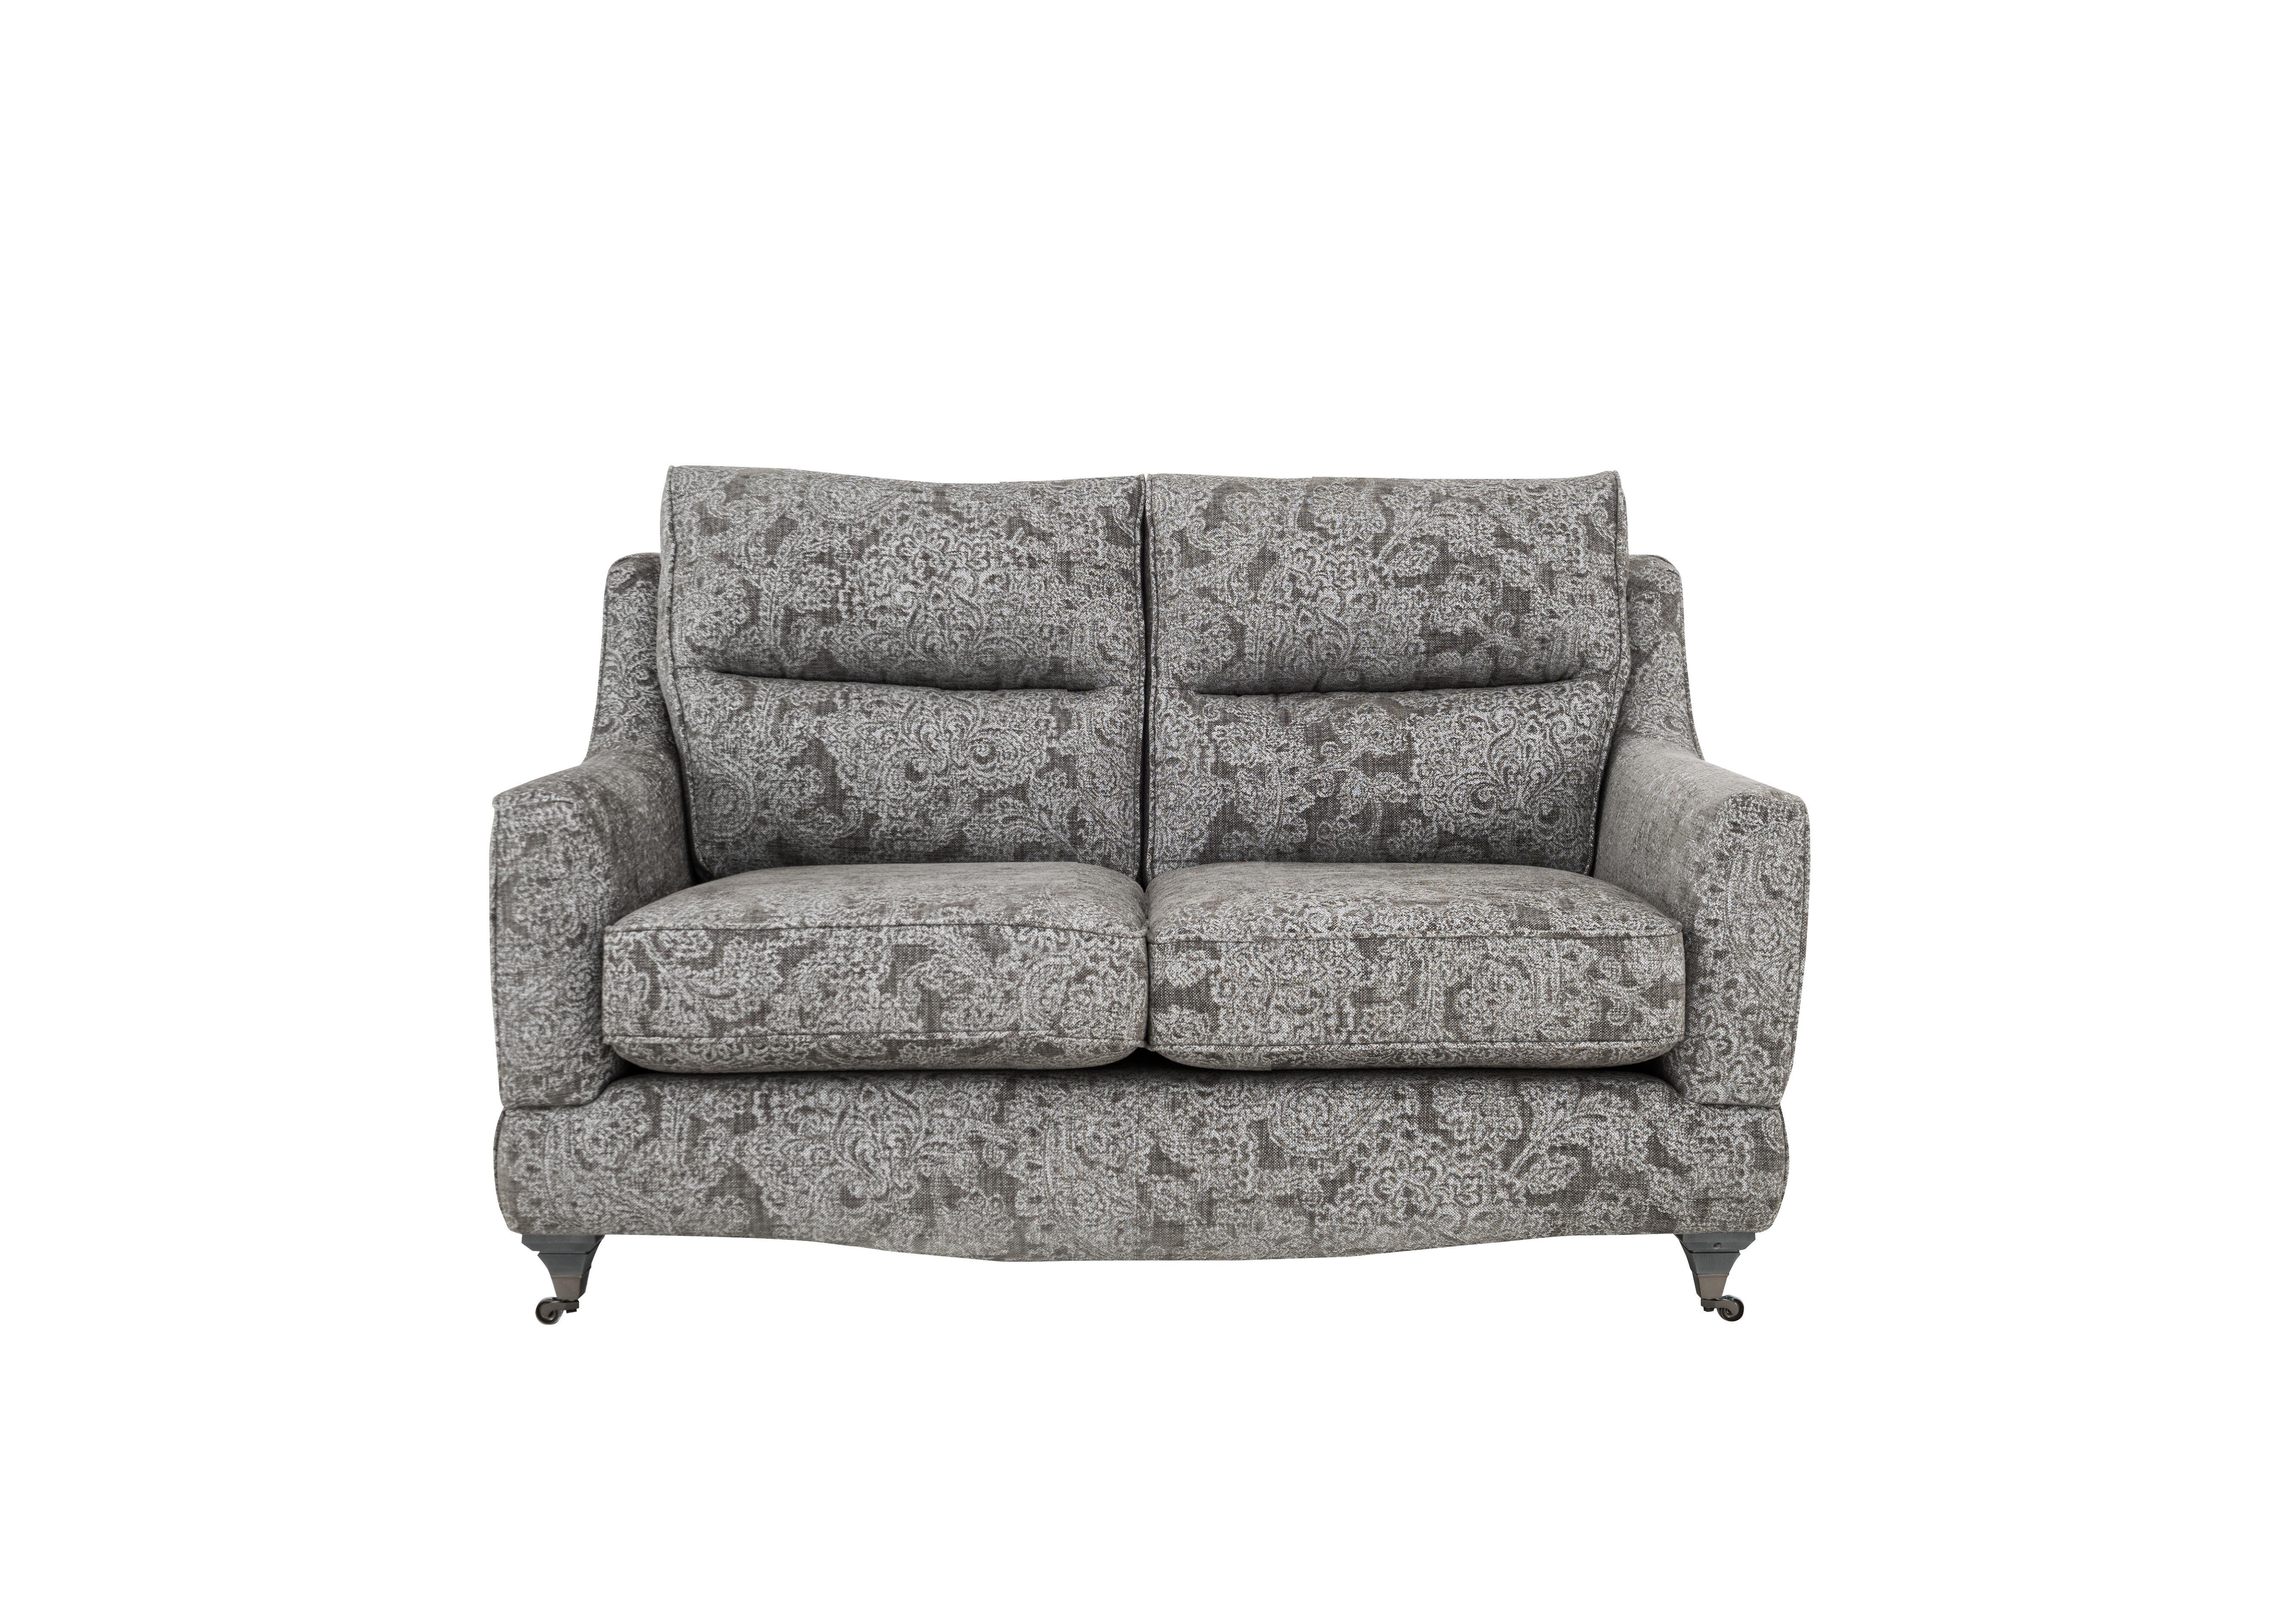 Fairfield 2 Seater Classic Back Fabric Sofa